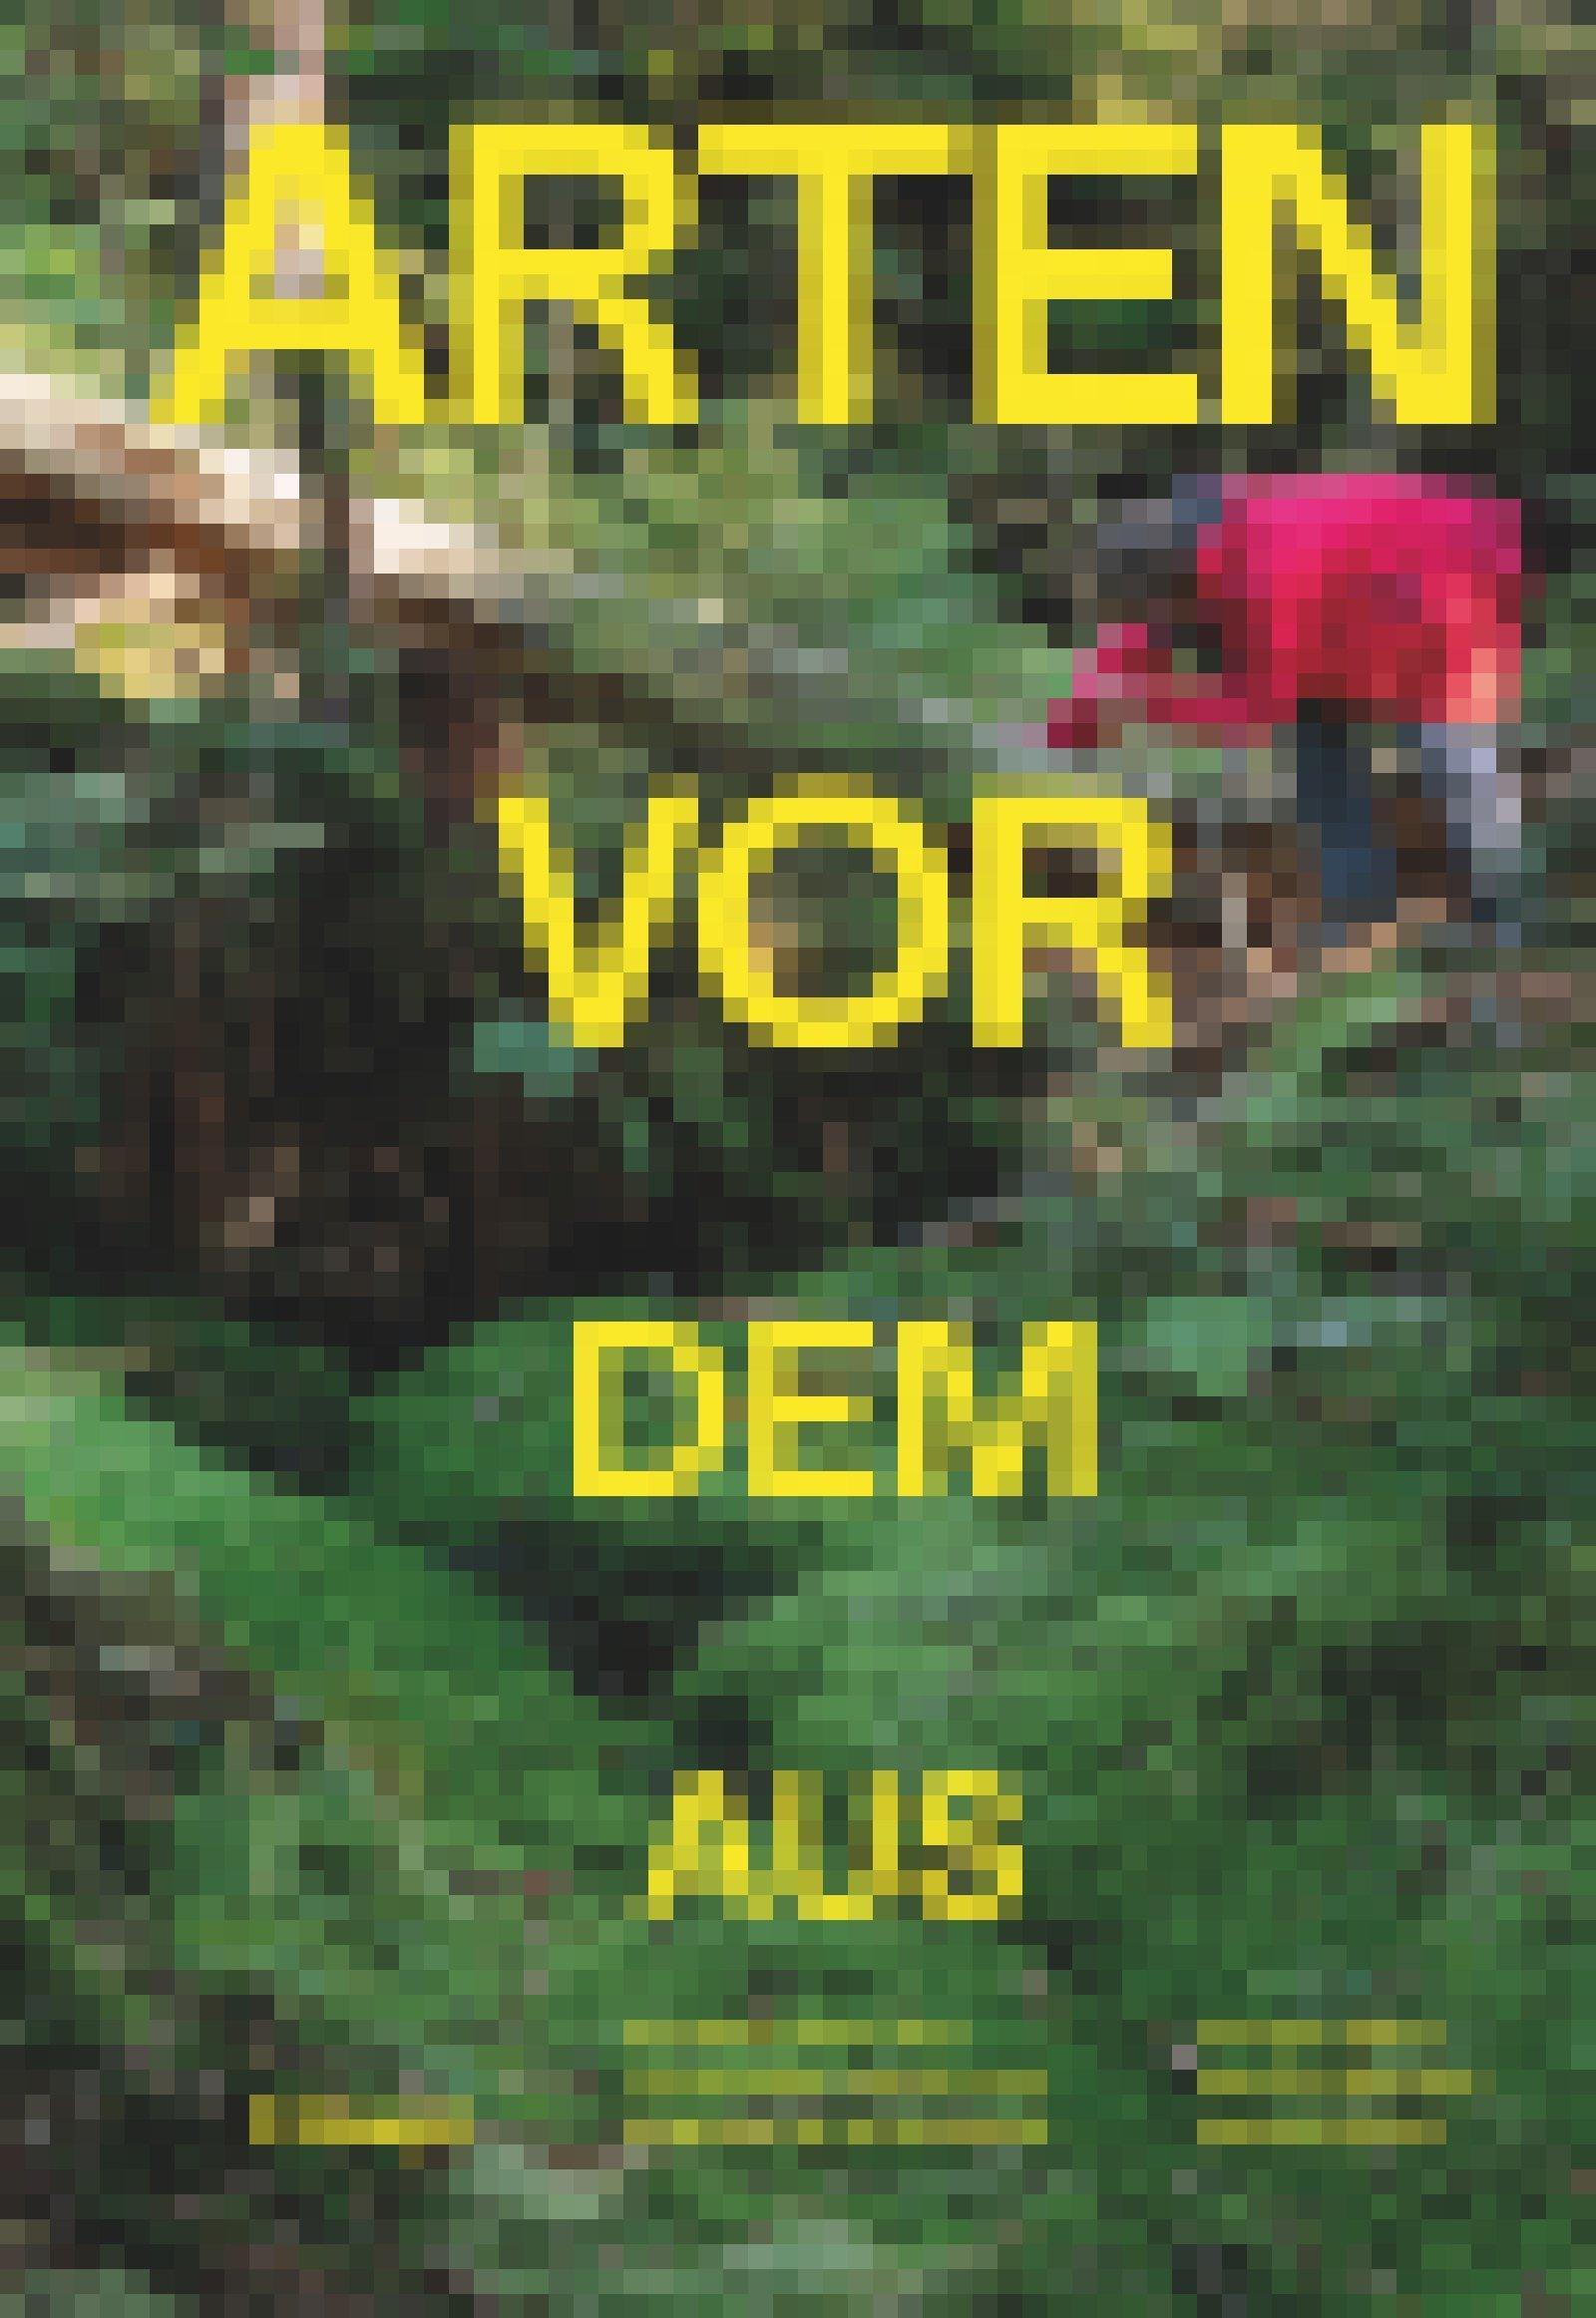 Auf dem Buchcover ist eine Frau in roter Regenjacke zu sehen, die sich in einem Wald über einen umgestürzten Baum beugt und etwas auf dem Boden ansieht.